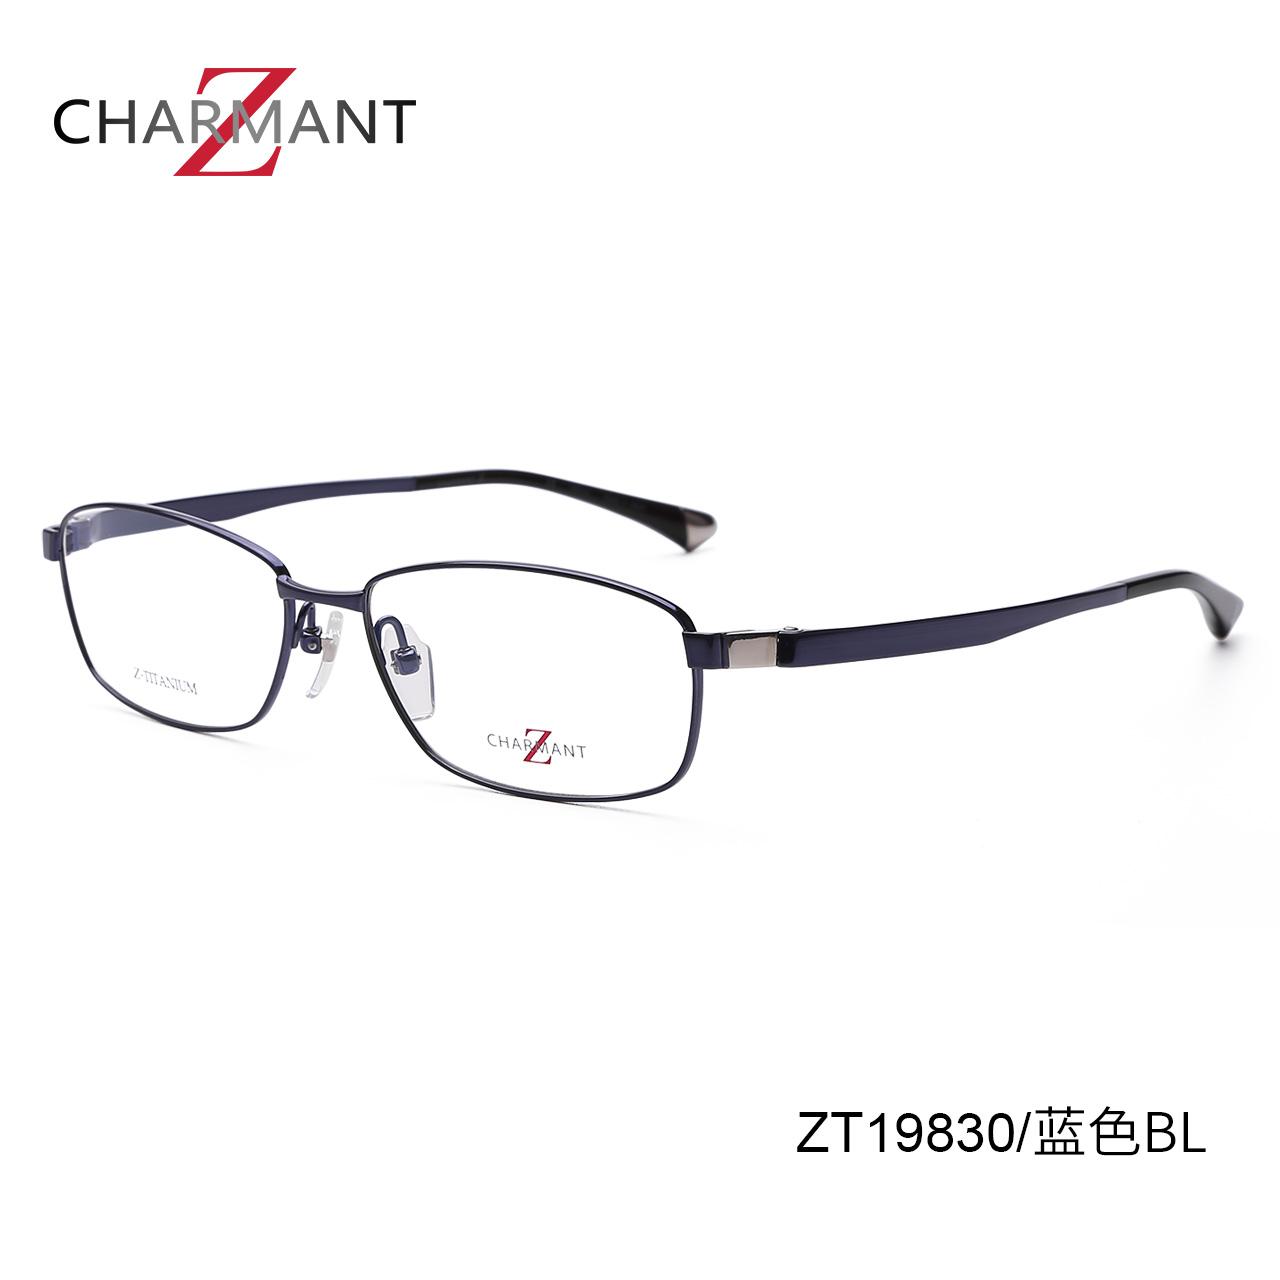 日本夏蒙时尚Z钛眼镜框男 商务全框眼镜架 配光学近视眼镜ZT19830